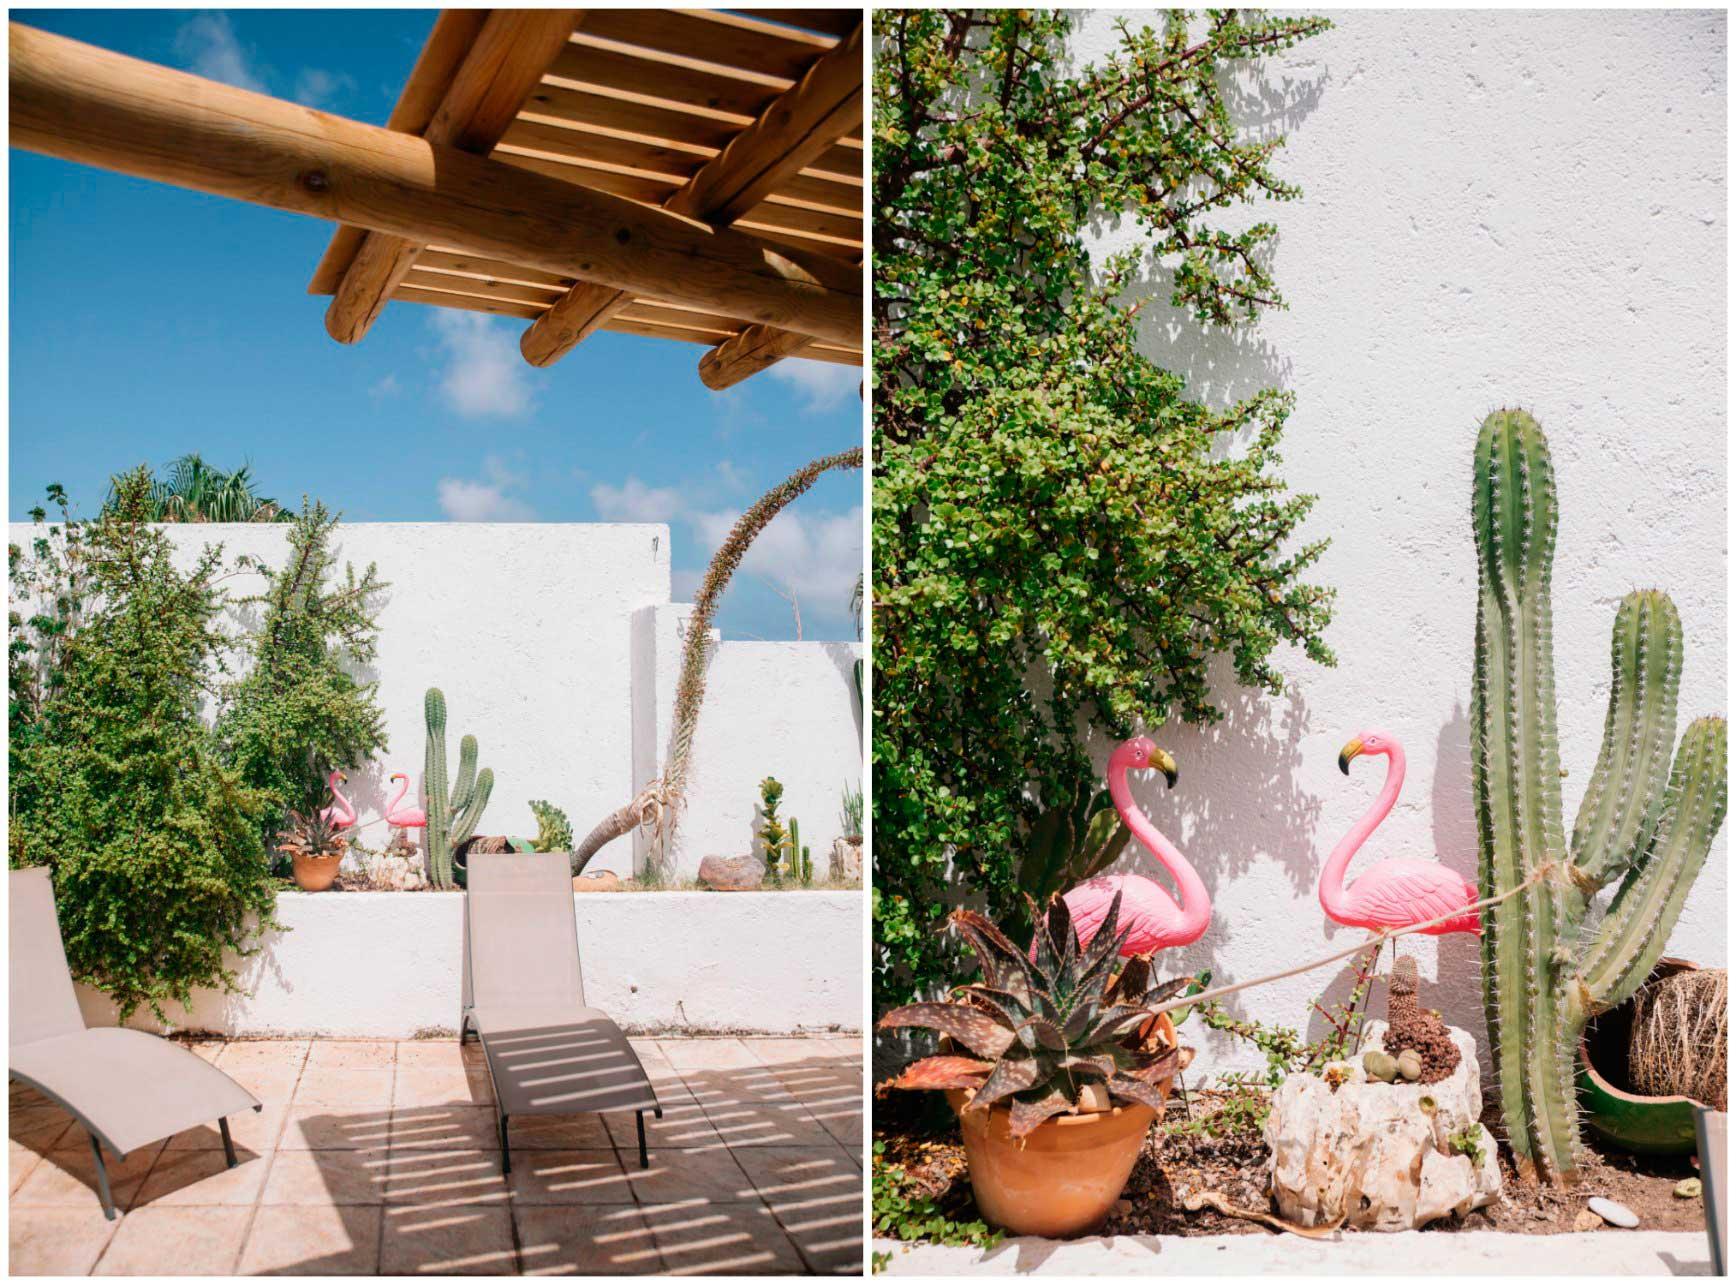 Alojamiento Cabo de Gata - Airbnb_claraBmartin_20